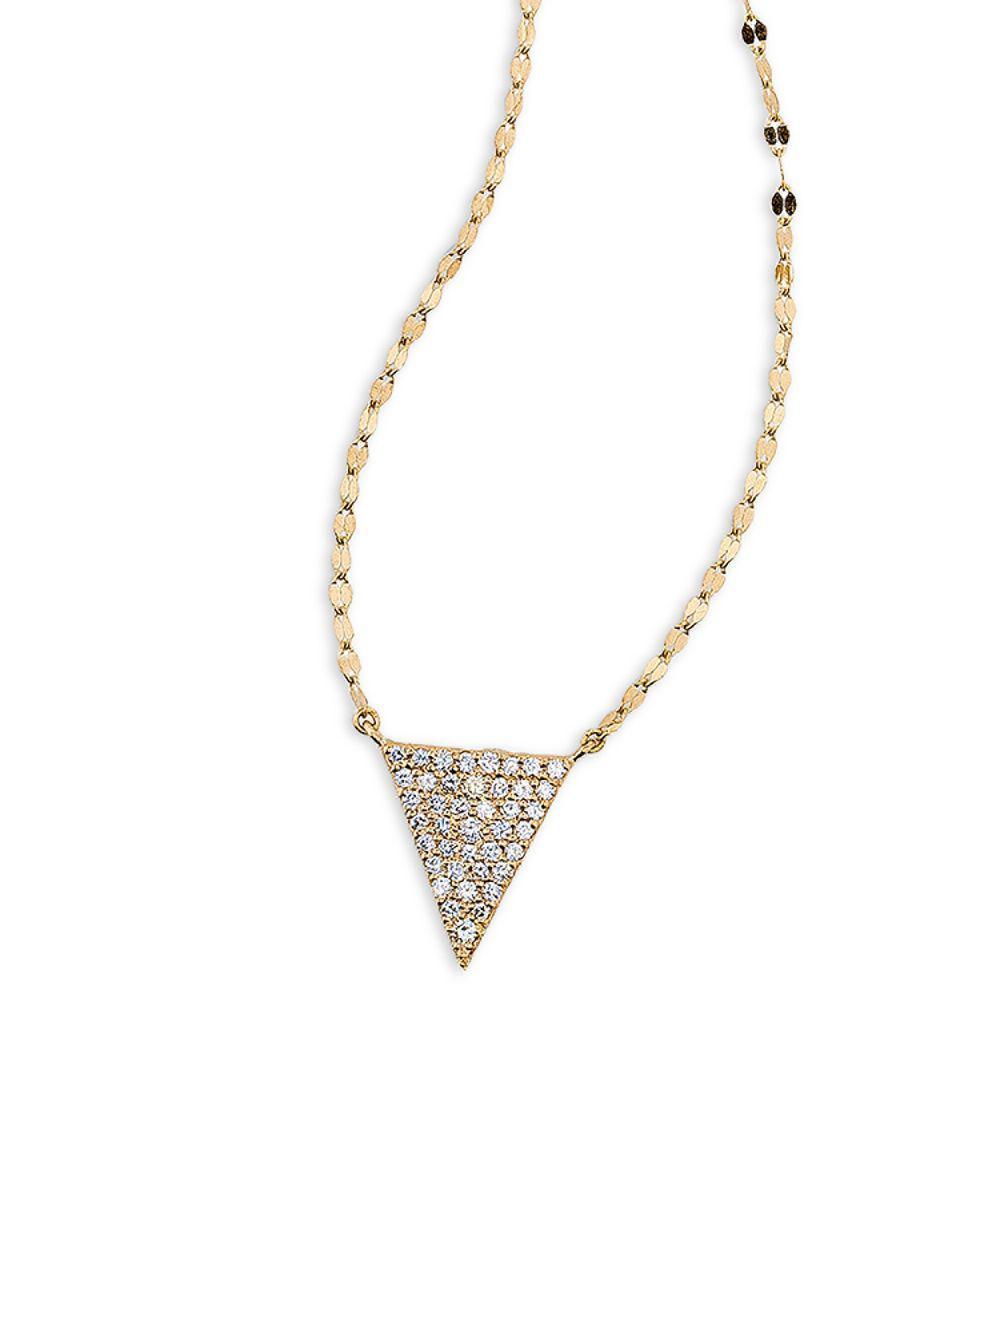 Lana Jewelry Flawless 14K Marquis Mini Diamond Lariat Necklace GZDKRX